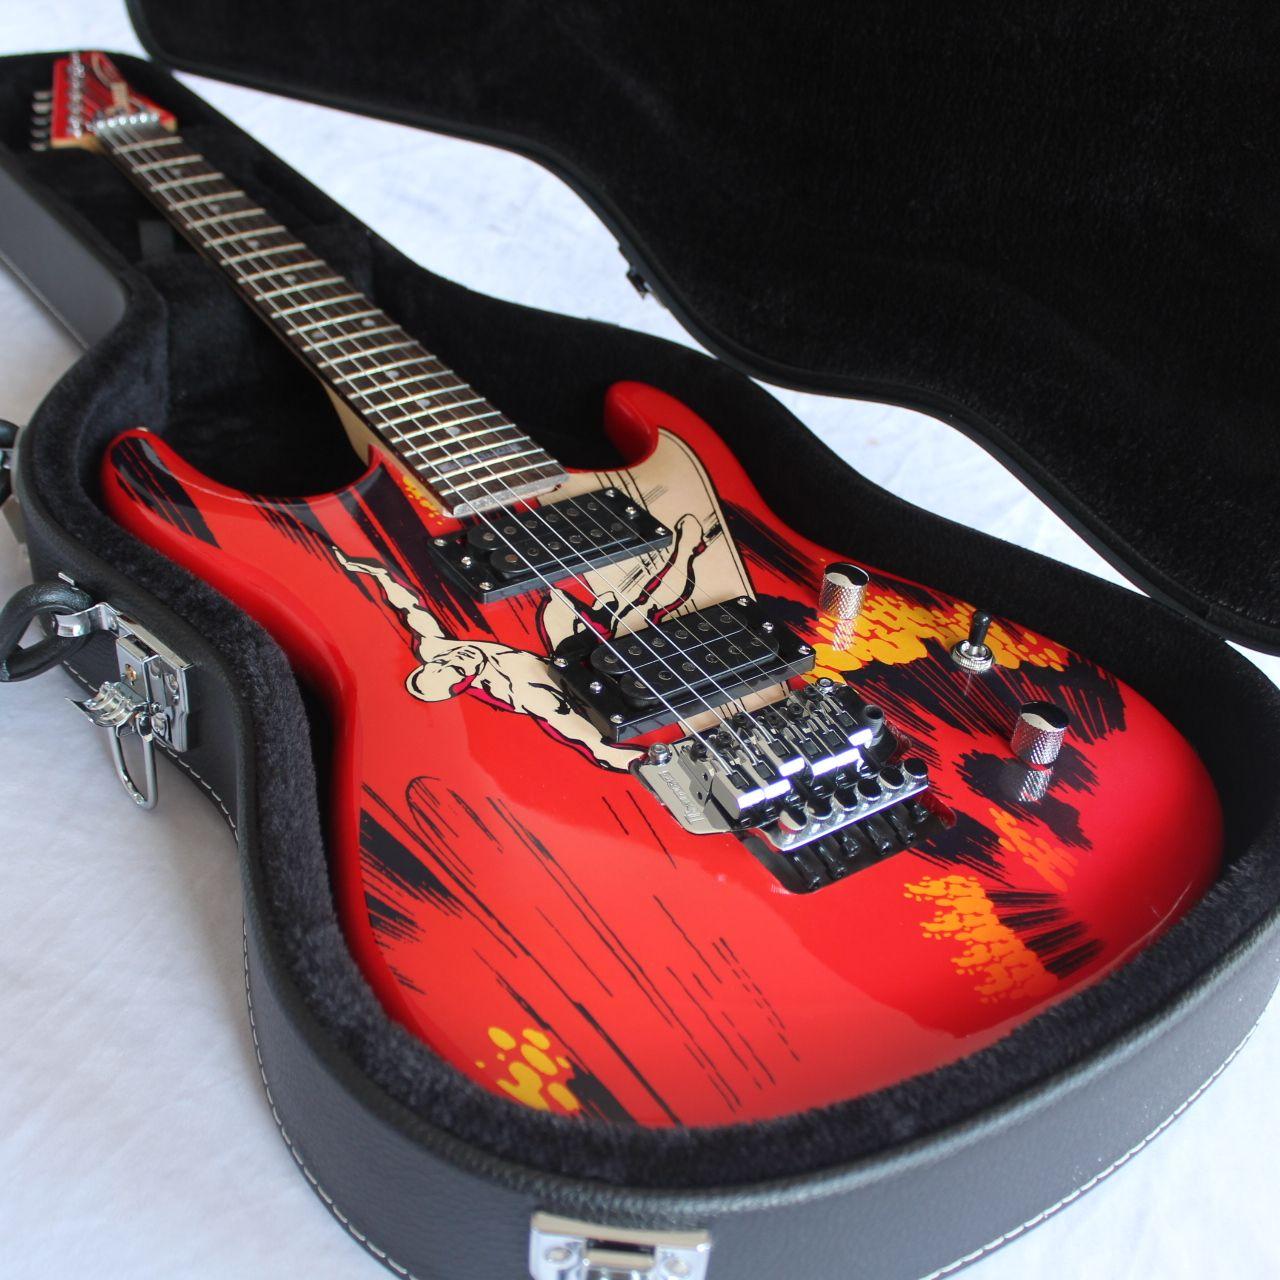 Stokta / Yıldönümü Sınırlı Sayıda Nadir Joe Satriani Gümüş Sörfçü Elektro Gitar / Çift Salıncak Köprüsü / Krom Donanım / Kılıfı